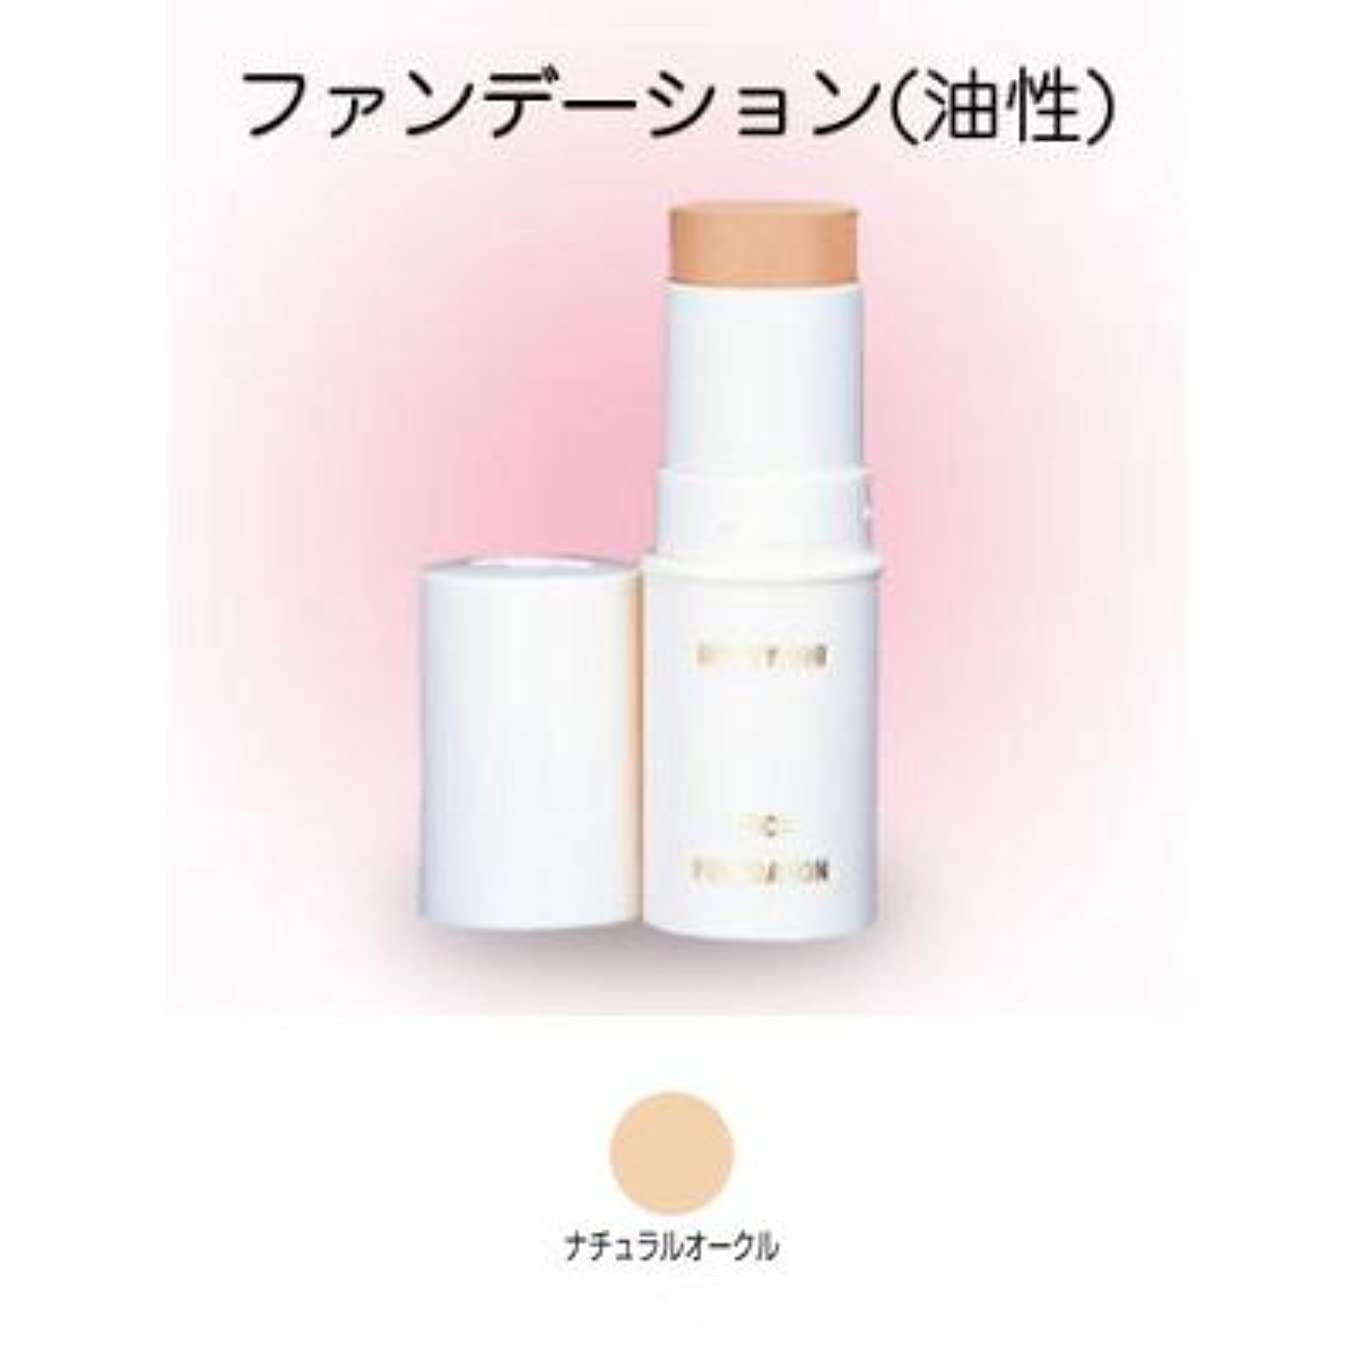 コレクションカプセルアナロジースティックファンデーション 16g ナチュラルオークル 【三善】